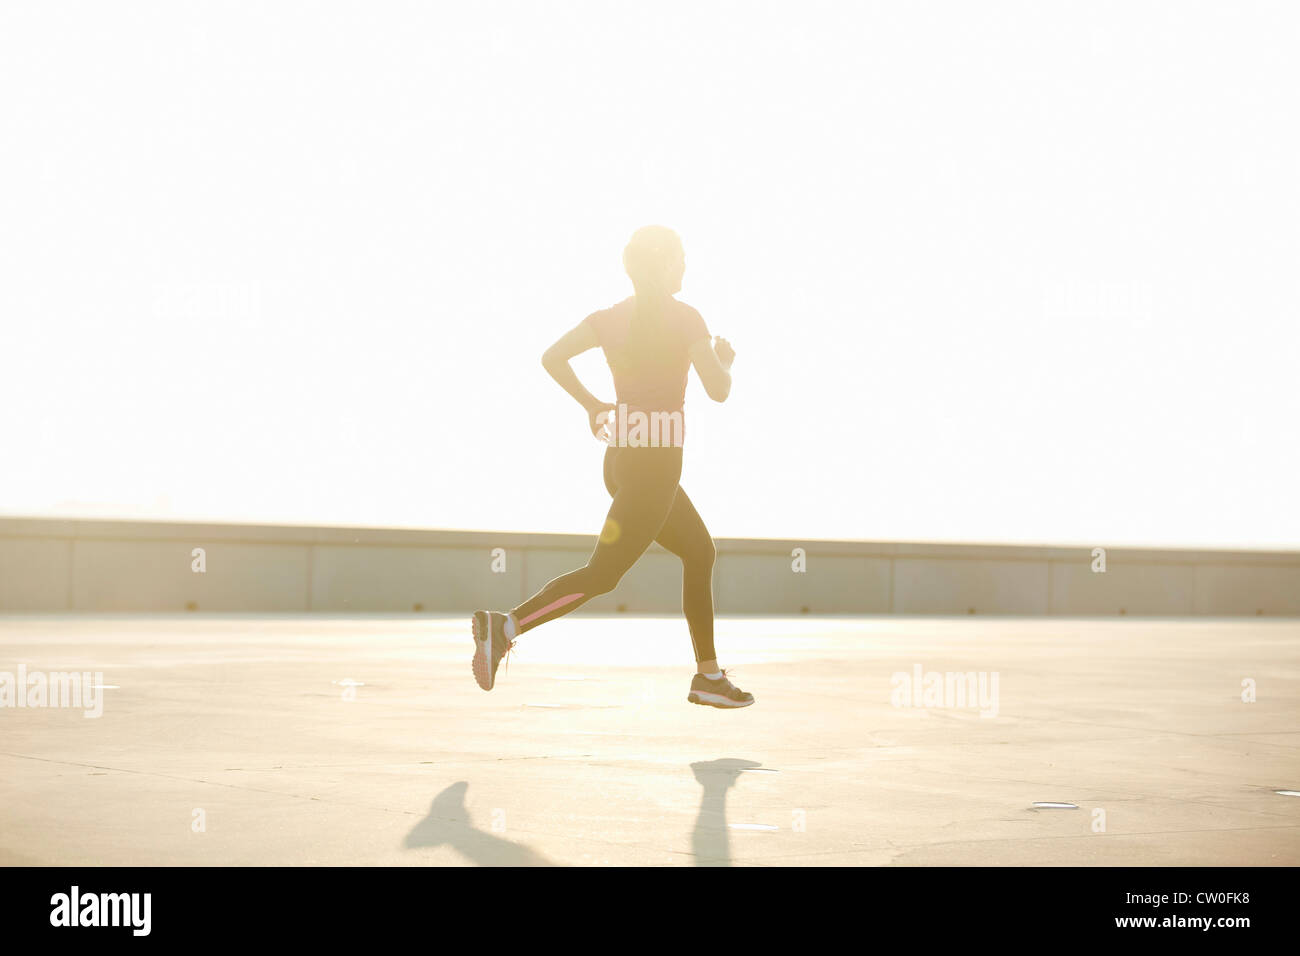 Hombre corriendo en la azotea Imagen De Stock